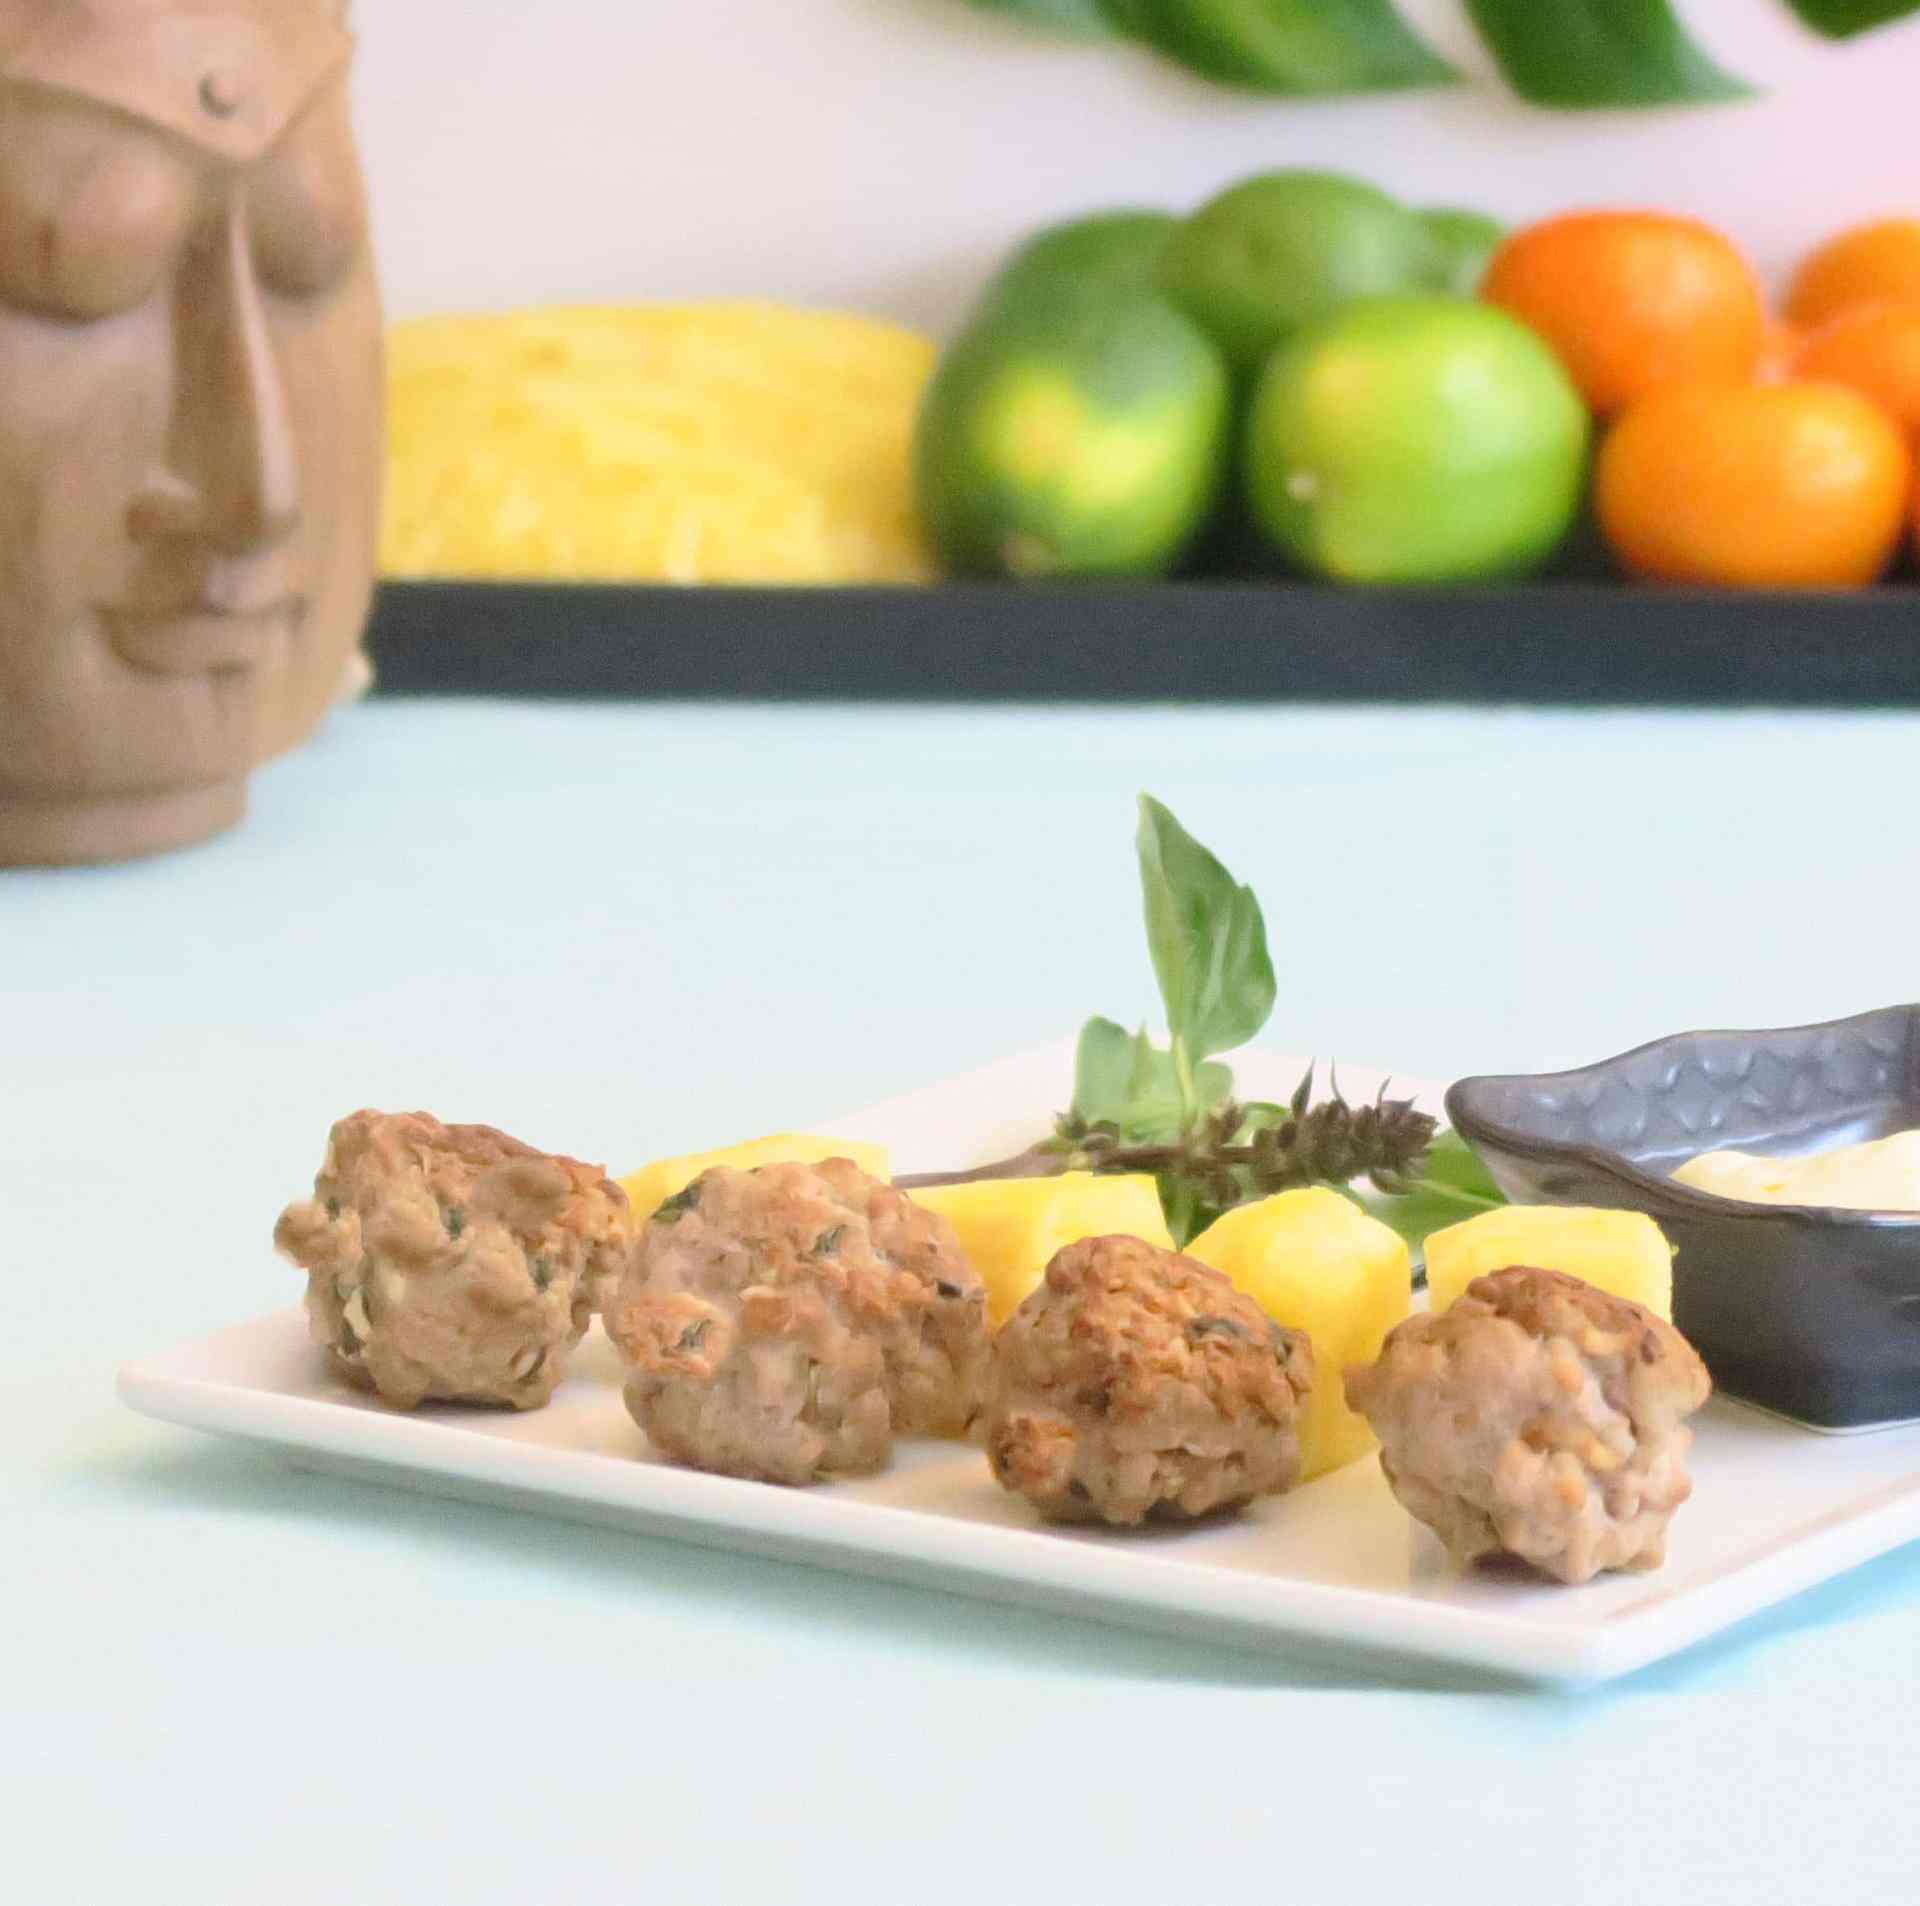 Vietnamese-Inspired Pork Meatballs